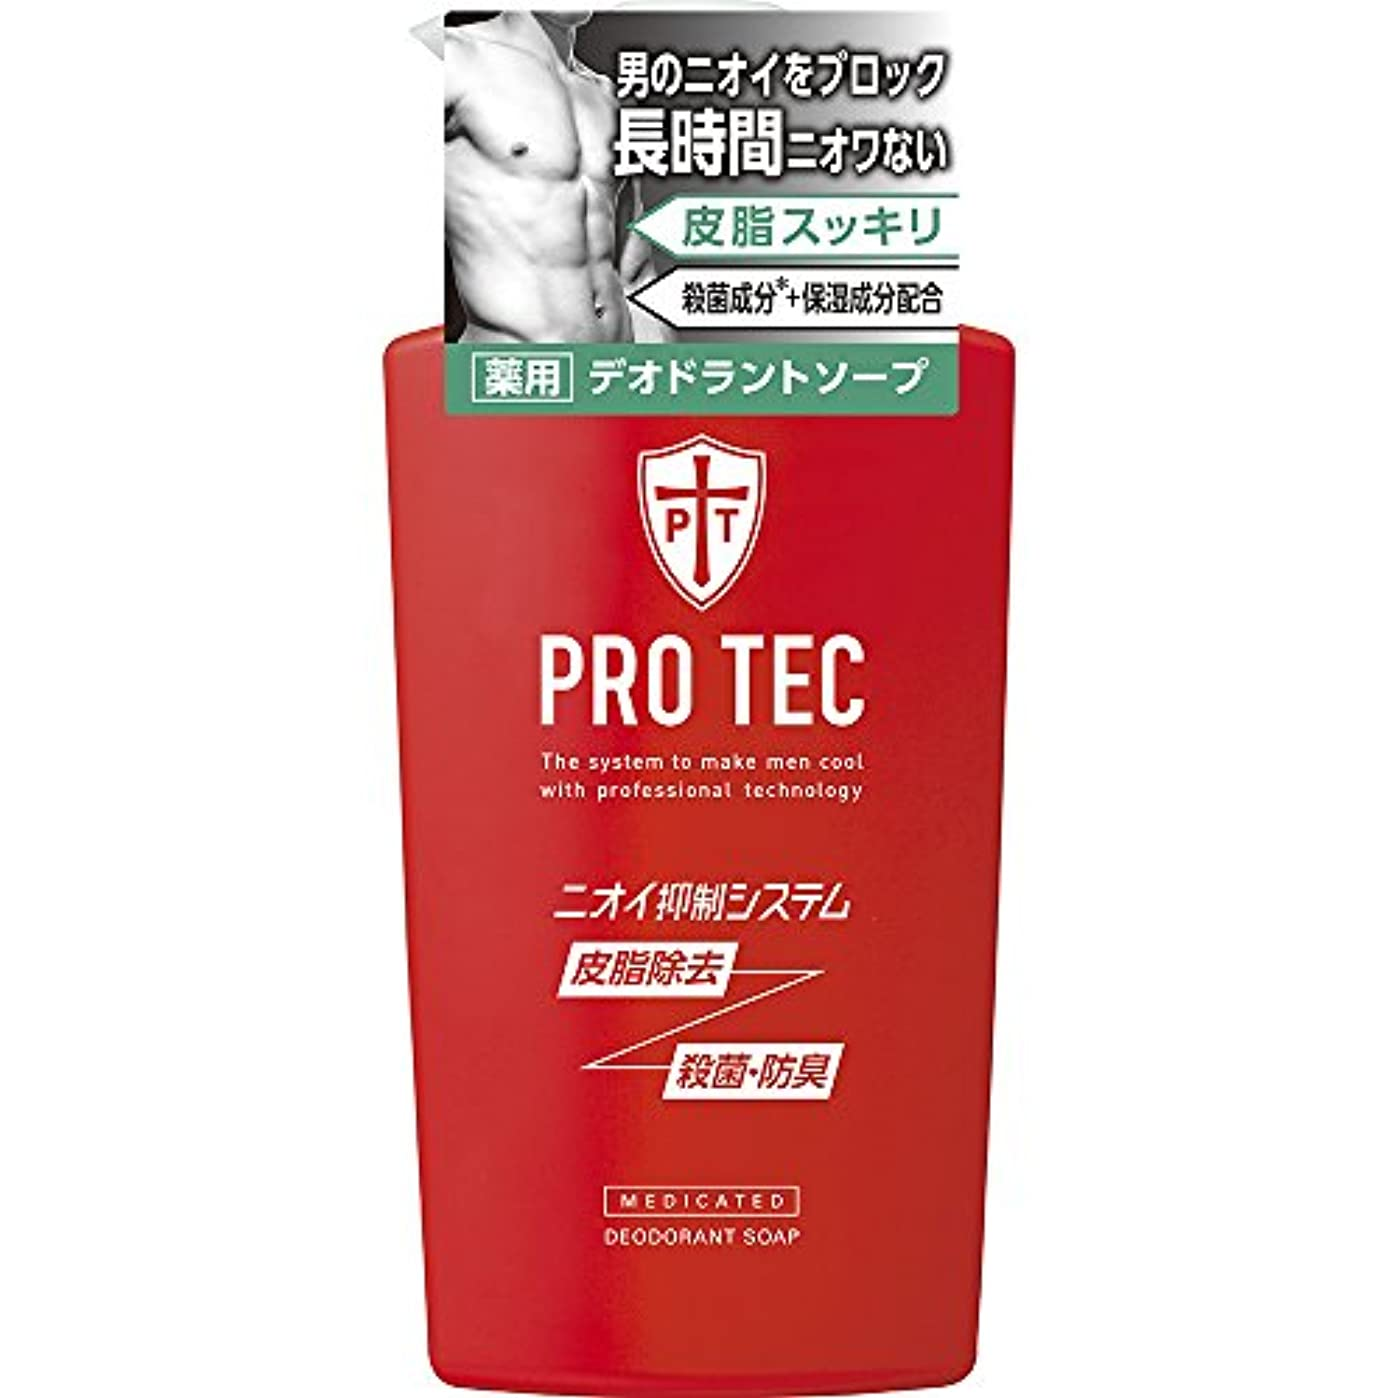 等価借りている絵PRO TEC(プロテク) デオドラントソープ 本体ポンプ 420ml